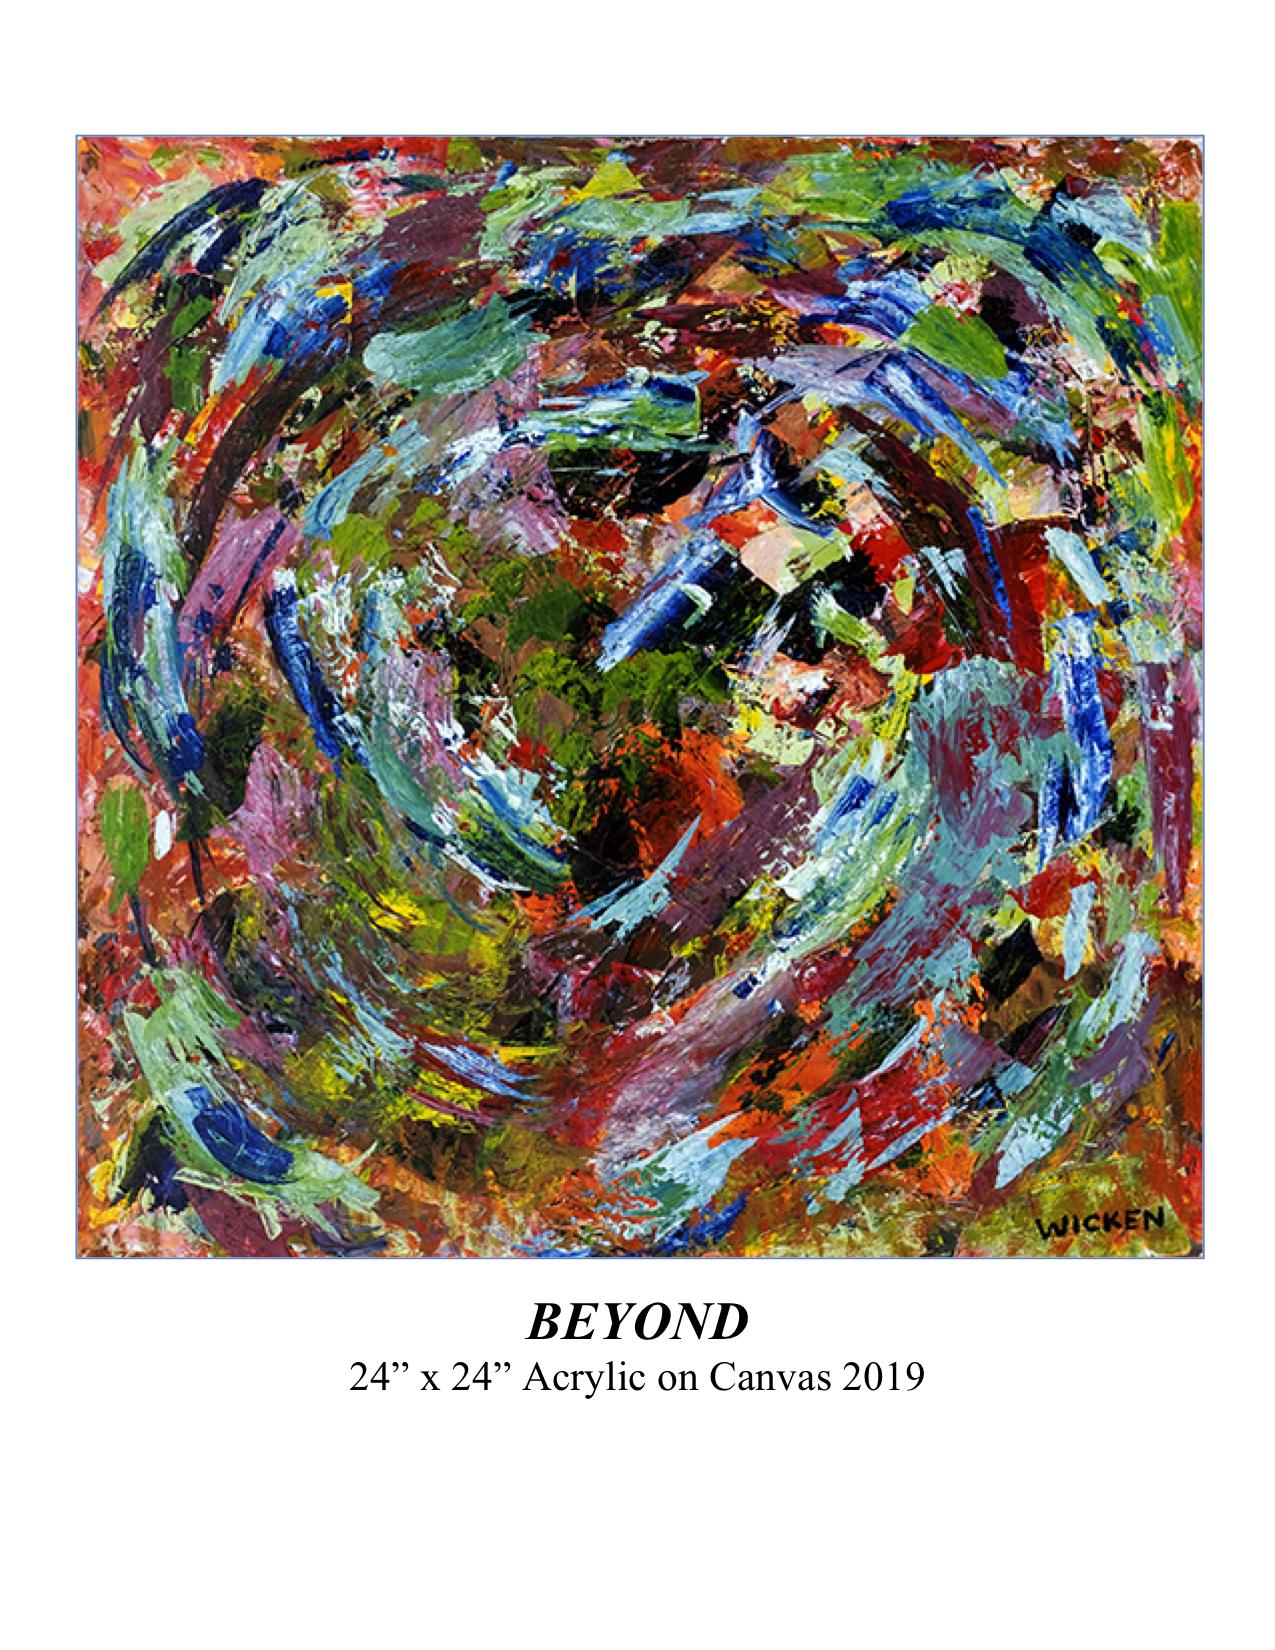 BEYOND 0018.jpg